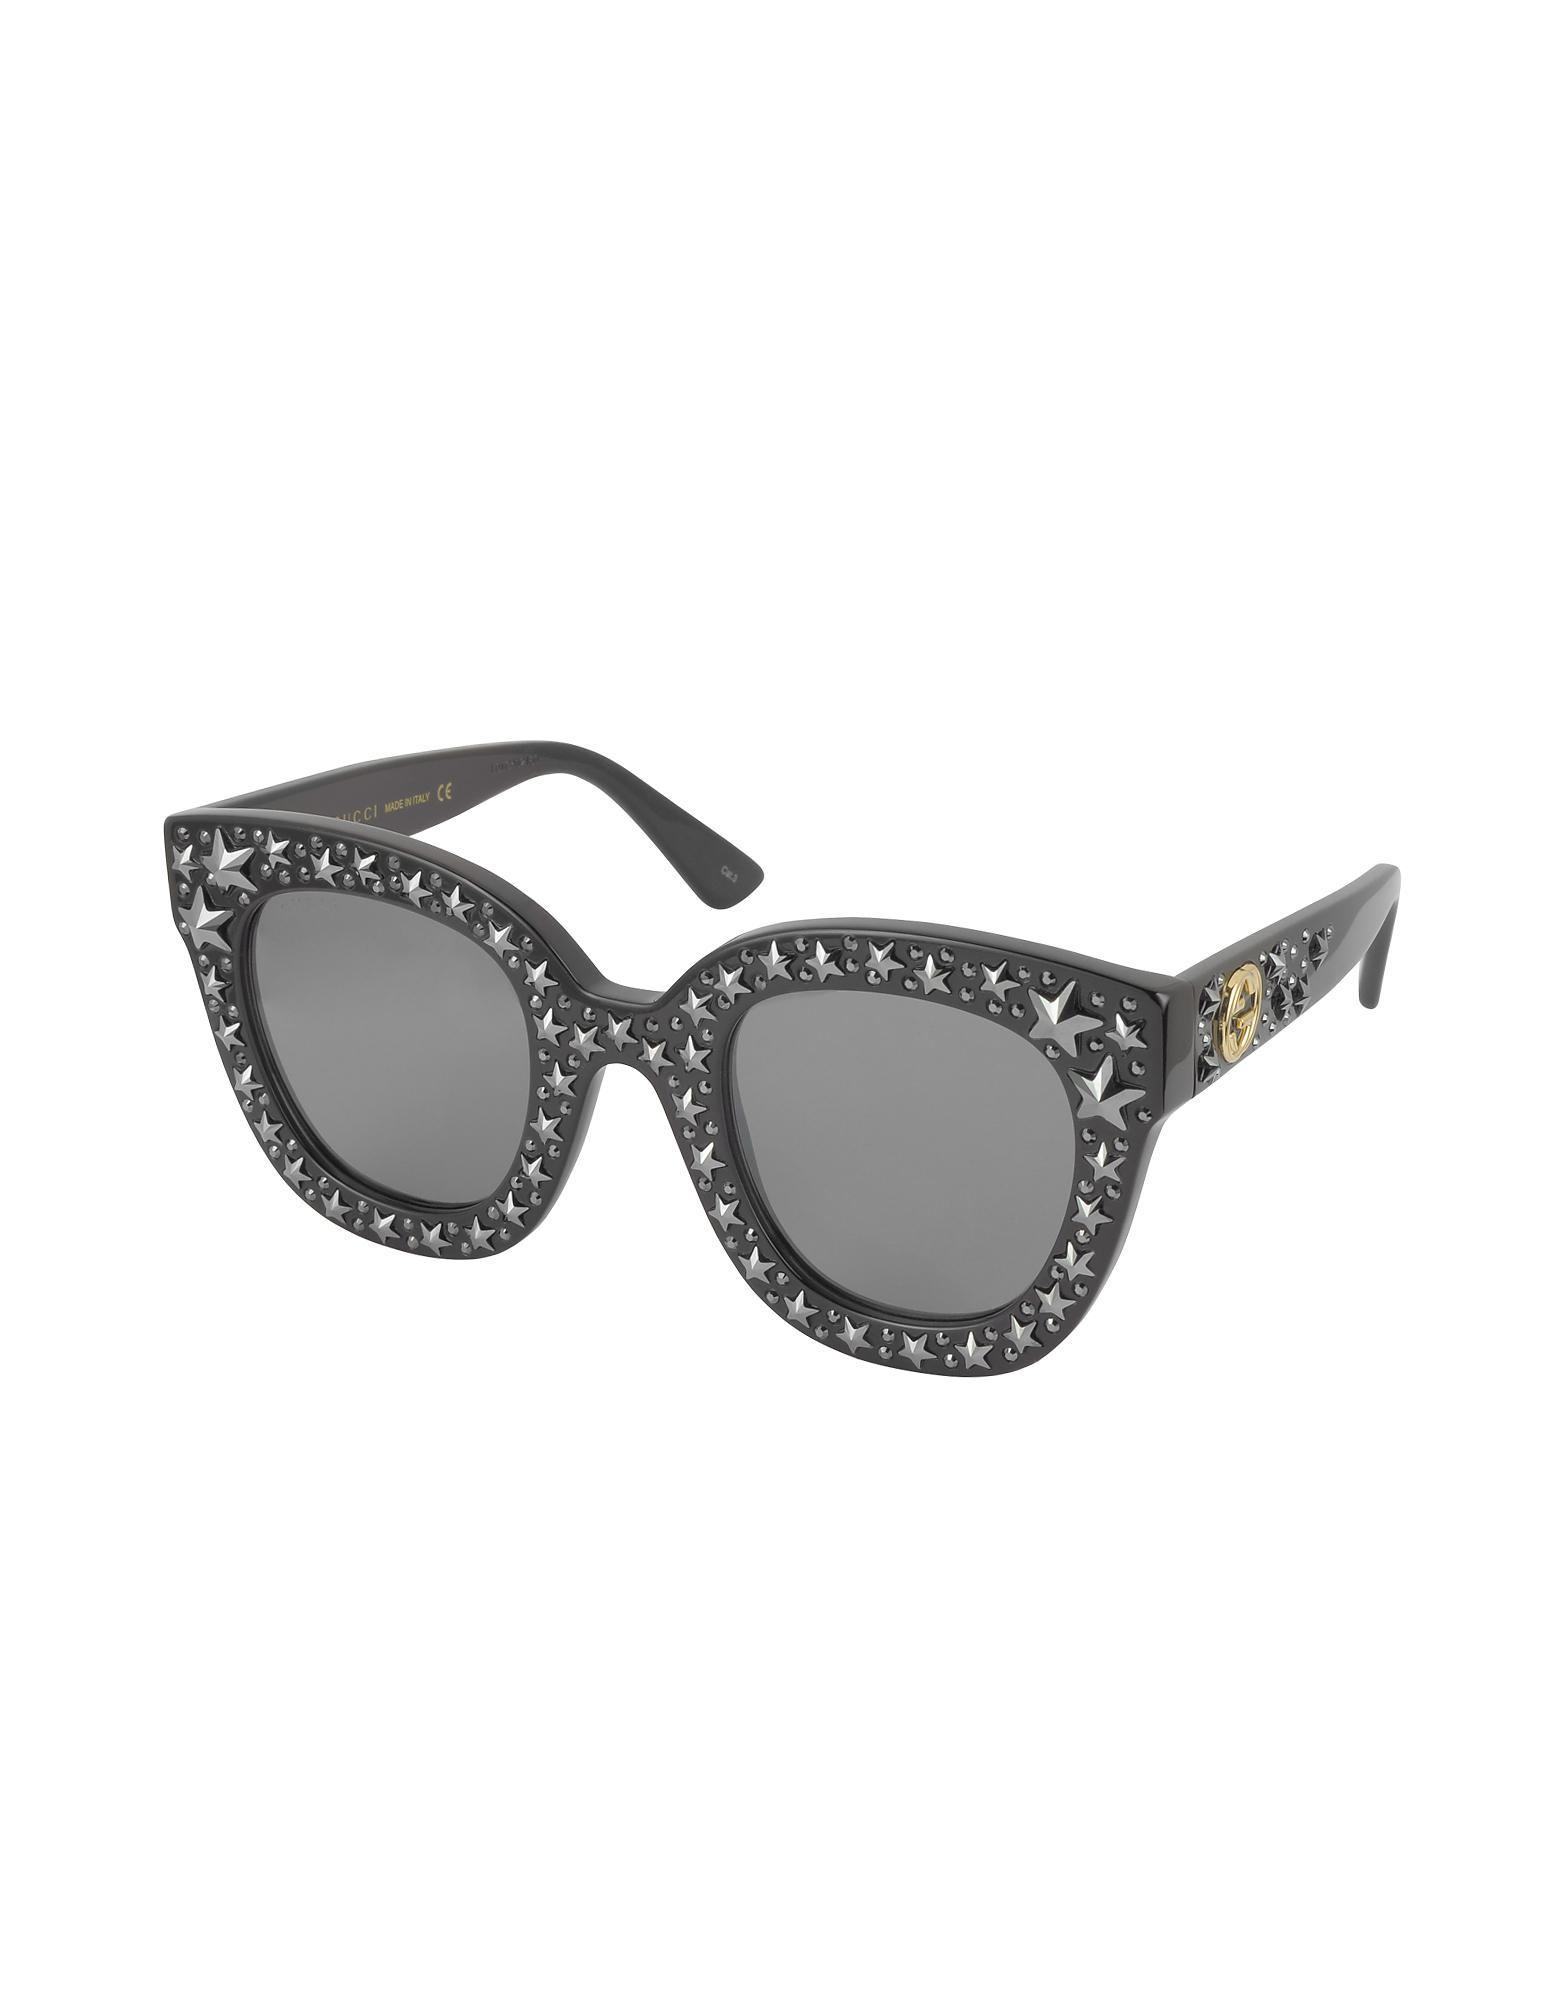 5a31a684801 Gucci Gg0116s Acetate Cat Eye Women s Sunglasses W stars in Black - Lyst